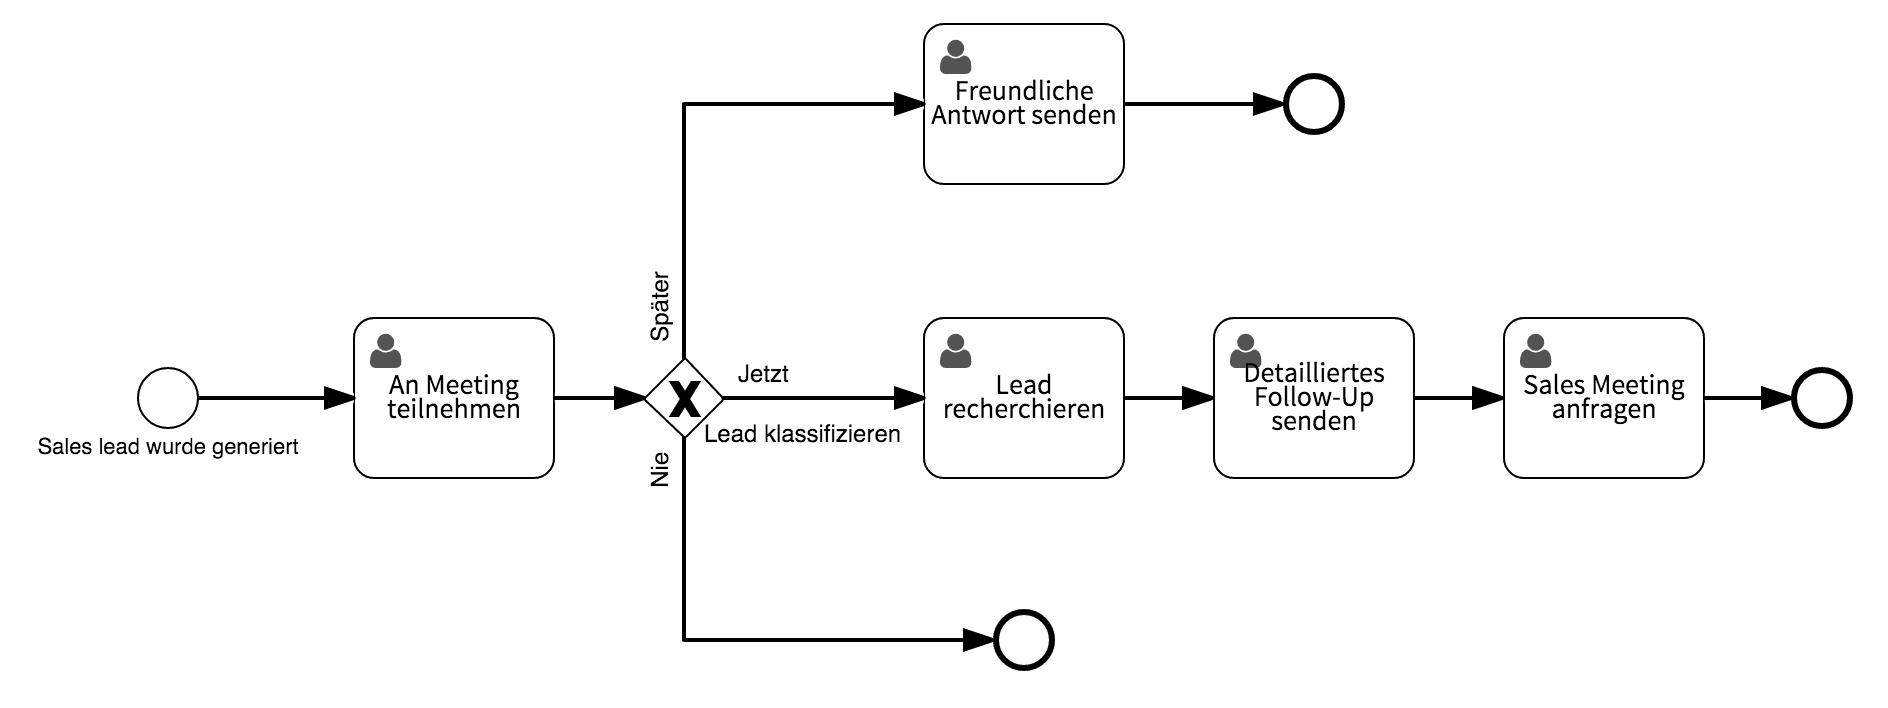 10 Workflow Beispiele Signavio